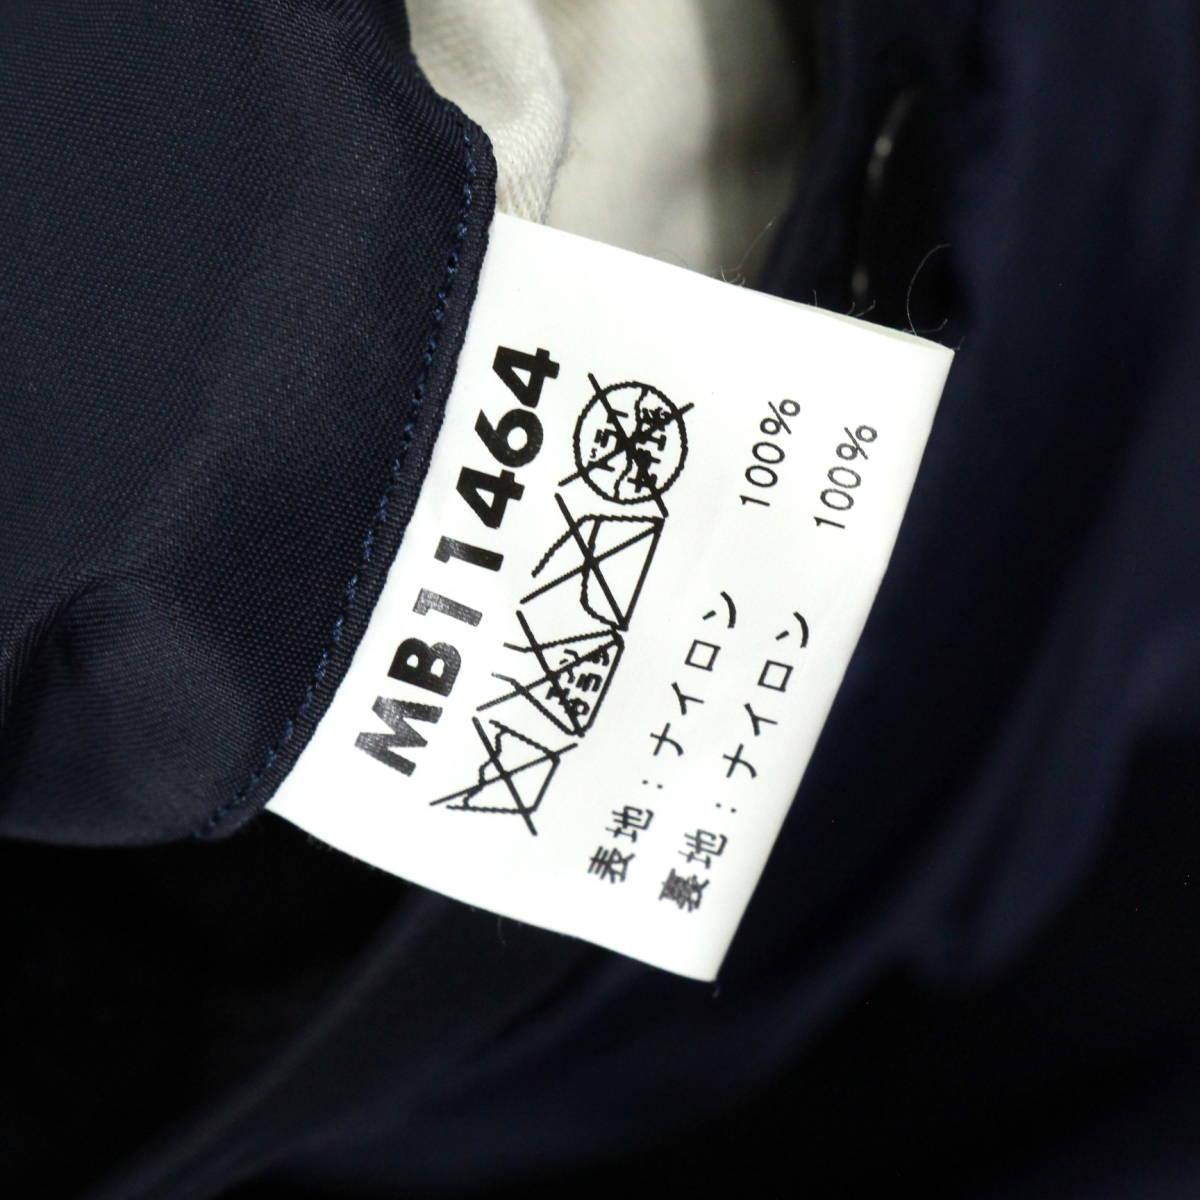 【超希少】ORIGINAL FAKE KAWS × G1950 × GOODENOUGH × BUZZRICKSON′S MA-1 ジャケット M ネイビー gallery1950 グッドイナフ カウズ_画像8